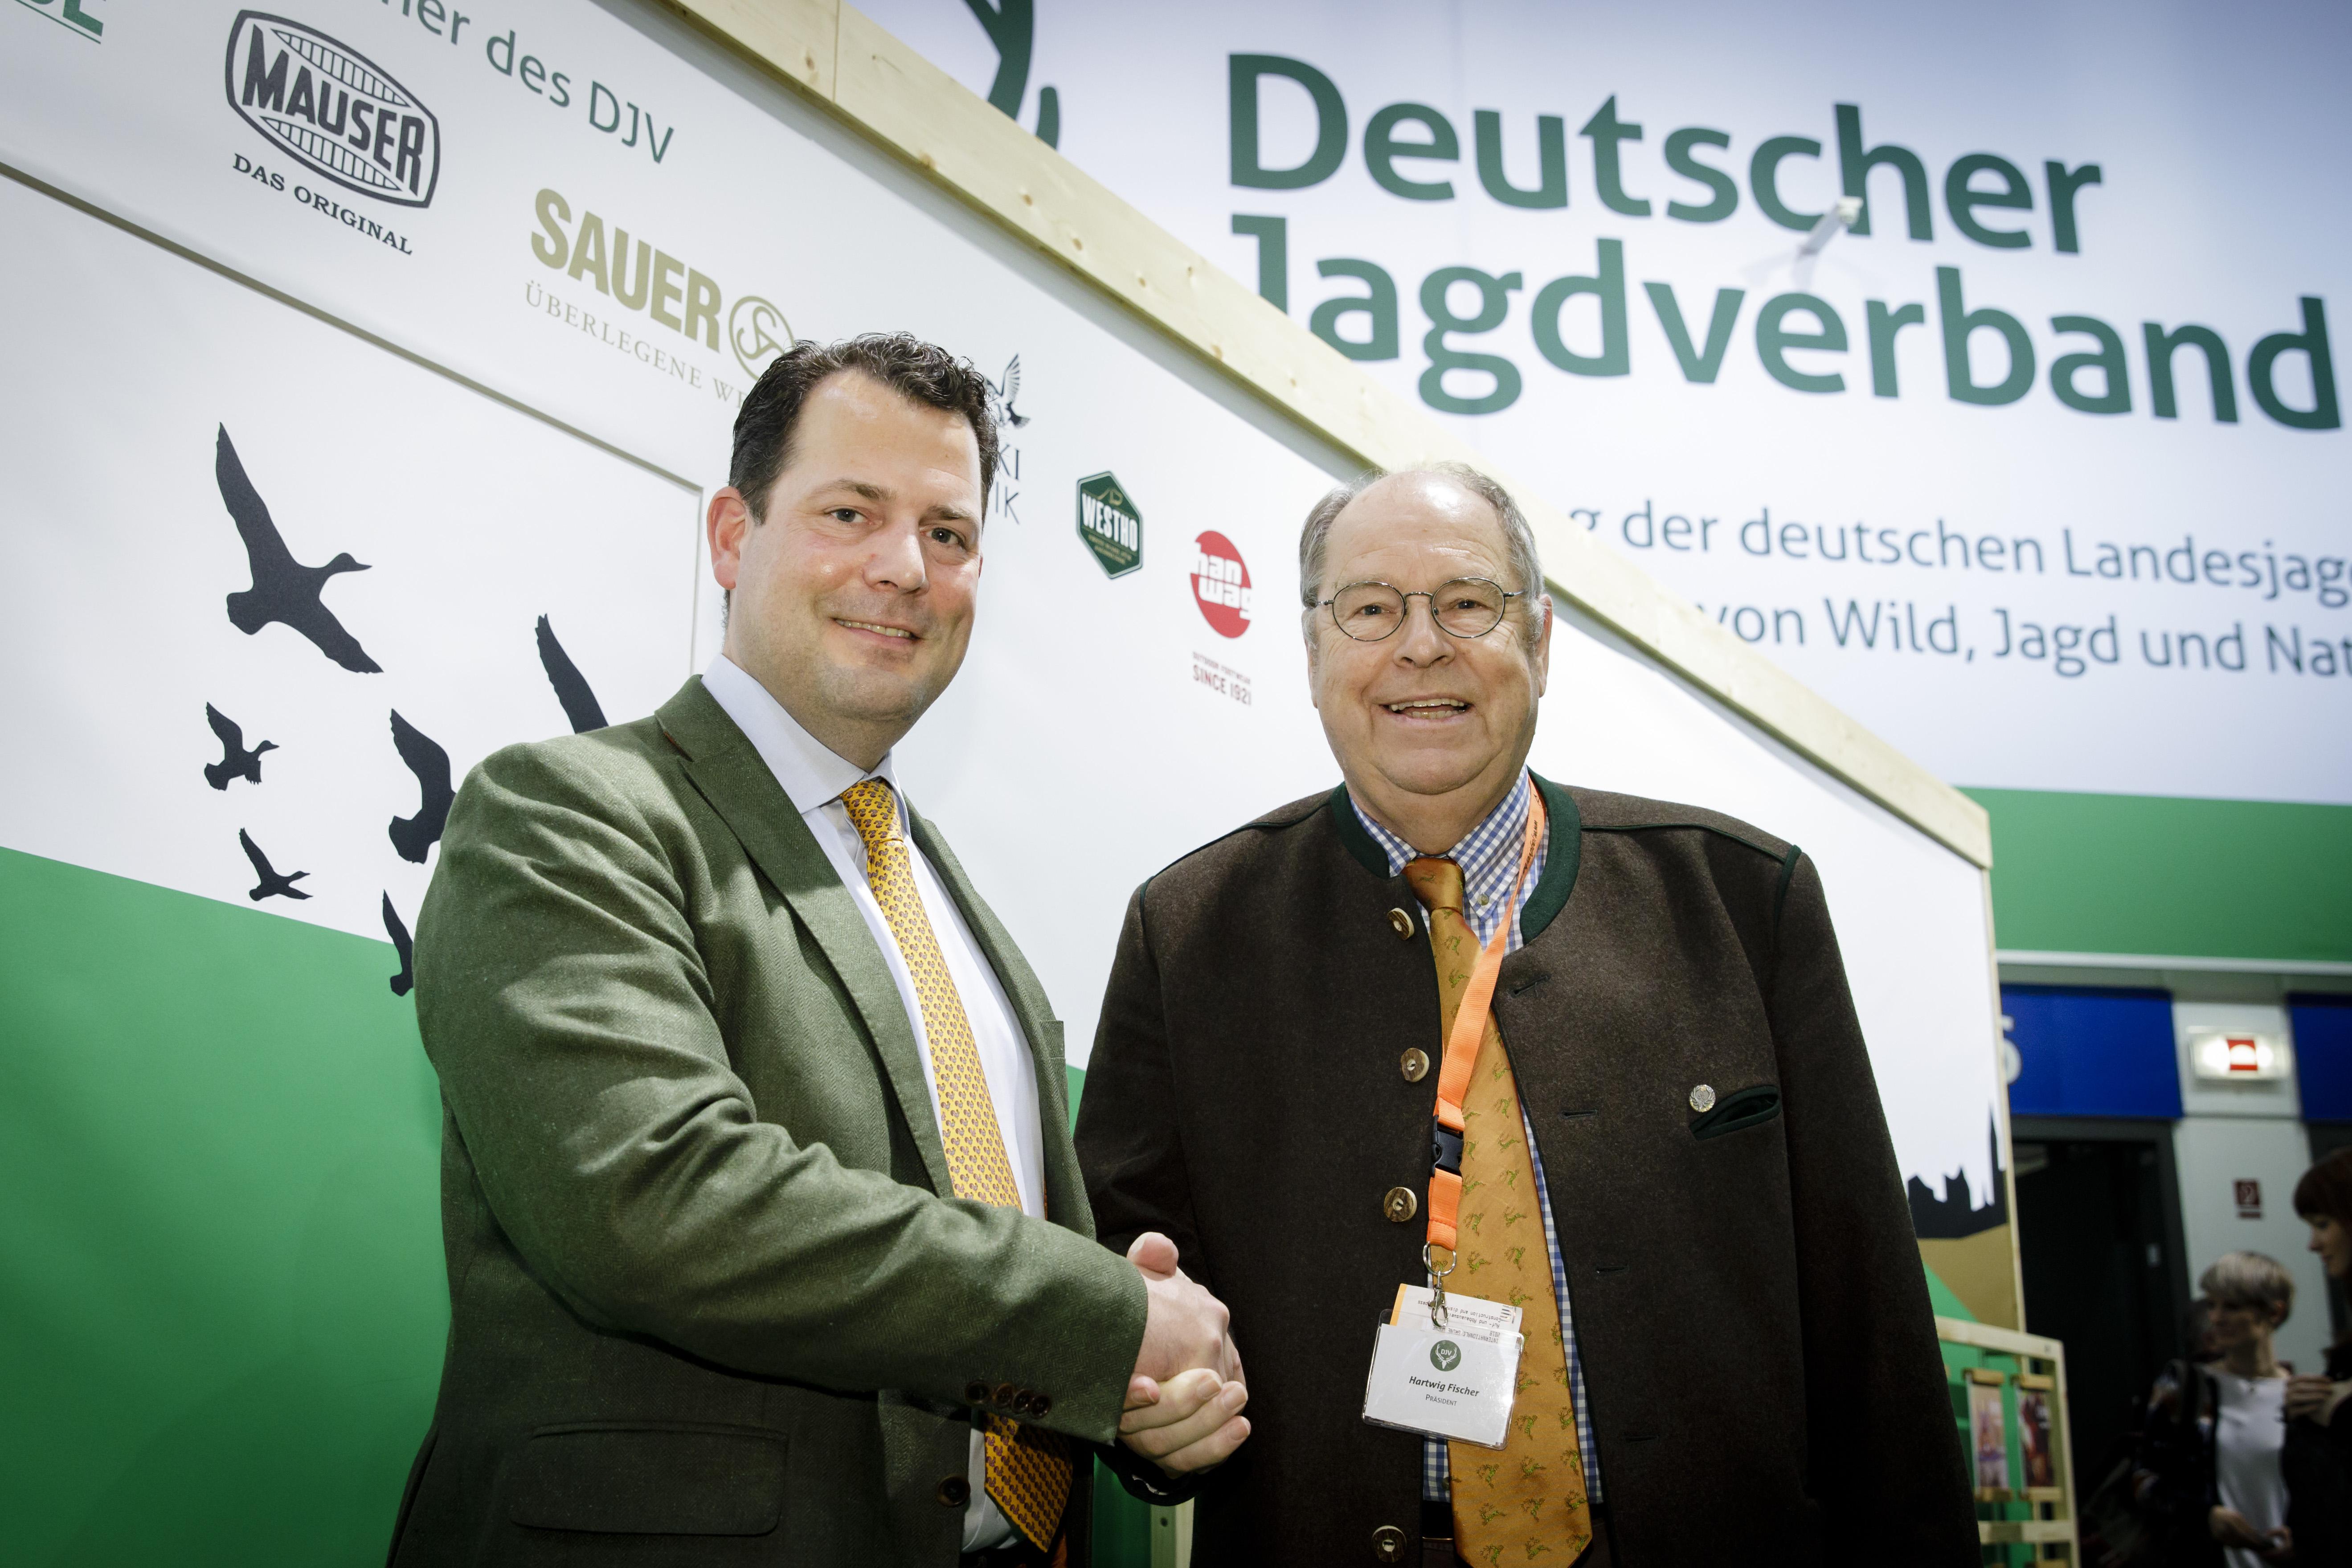 Hartwig Fischer, Präsident des Deutschen Jagdverbands (DJV) mit AGDW-Präsident Philipp zu Guttenberg